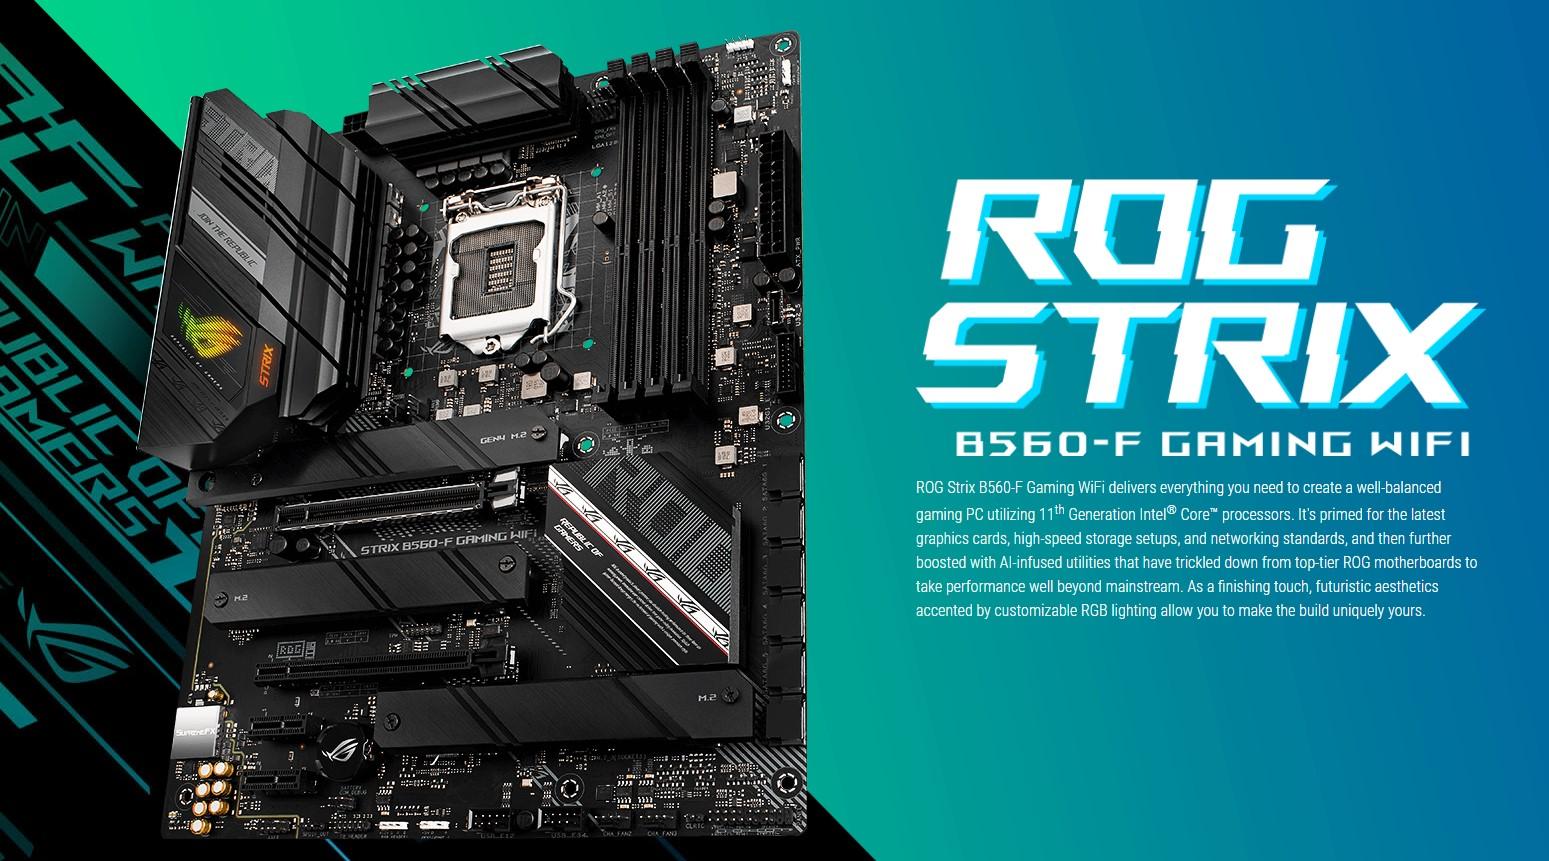 Mainboard ASUS ROG STRIX B560-F GAMING